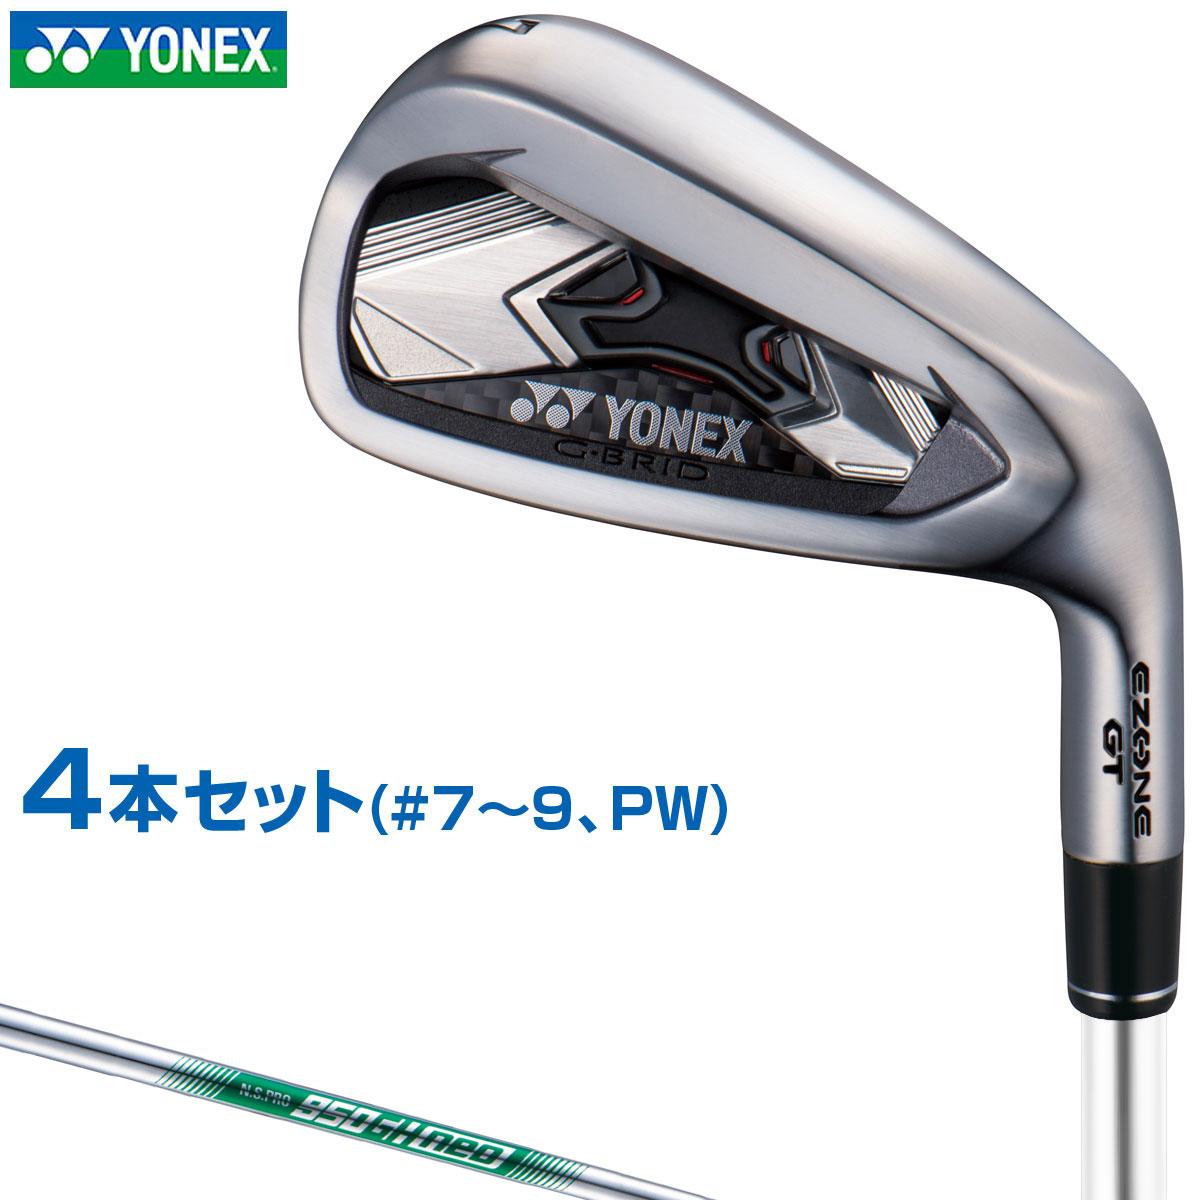 【【最大4999円OFFクーポン】】YONEX(ヨネックス)日本正規品 EZONE GTアイアン 2020新製品 NSPRO950GH neoスチールシャフト 4本セット(I#7~9、PW)